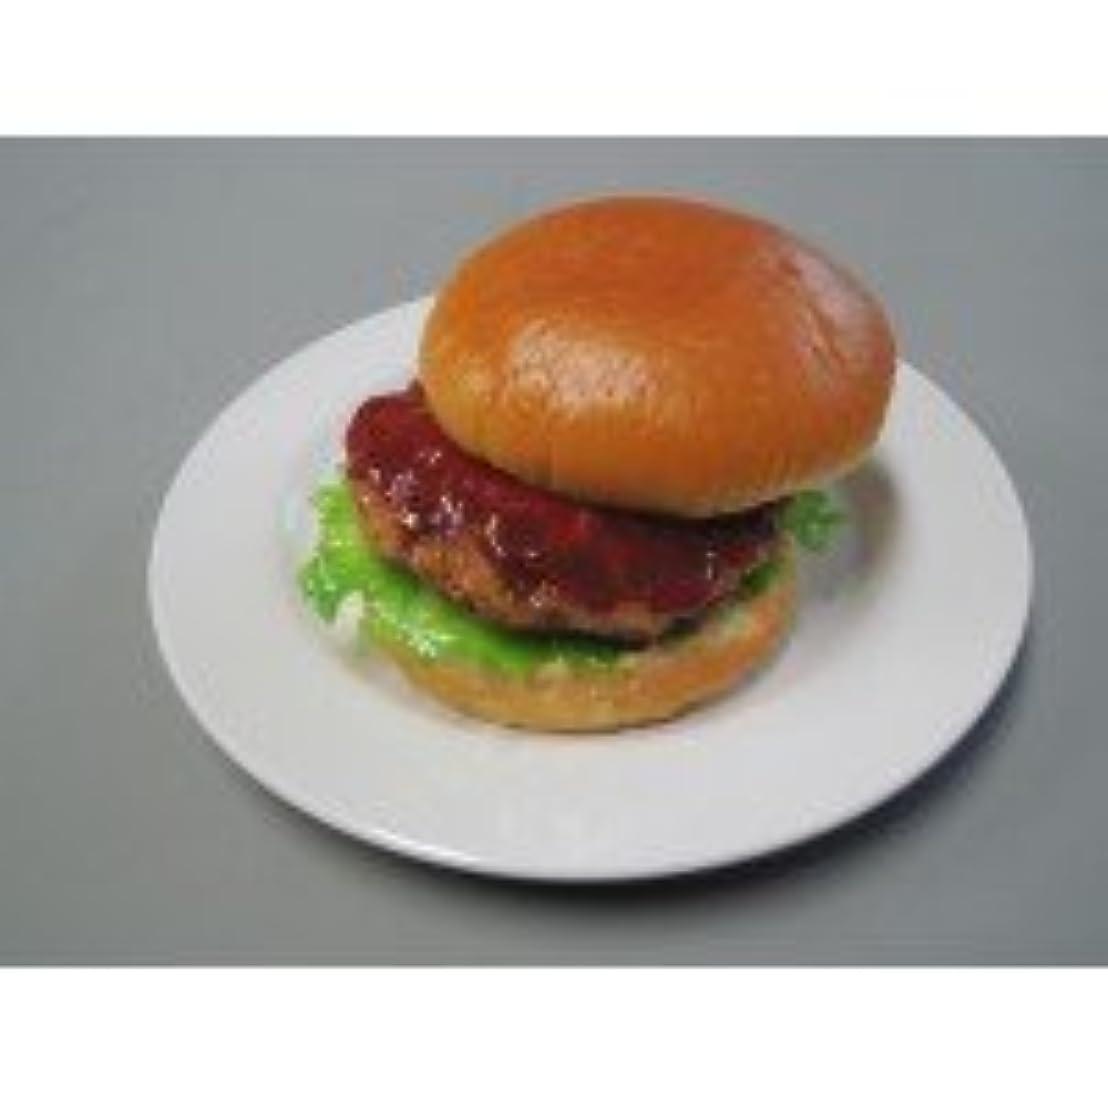 ワット丁寧コマンド日本職人が作る 食品サンプル ハンバーガー IP-198